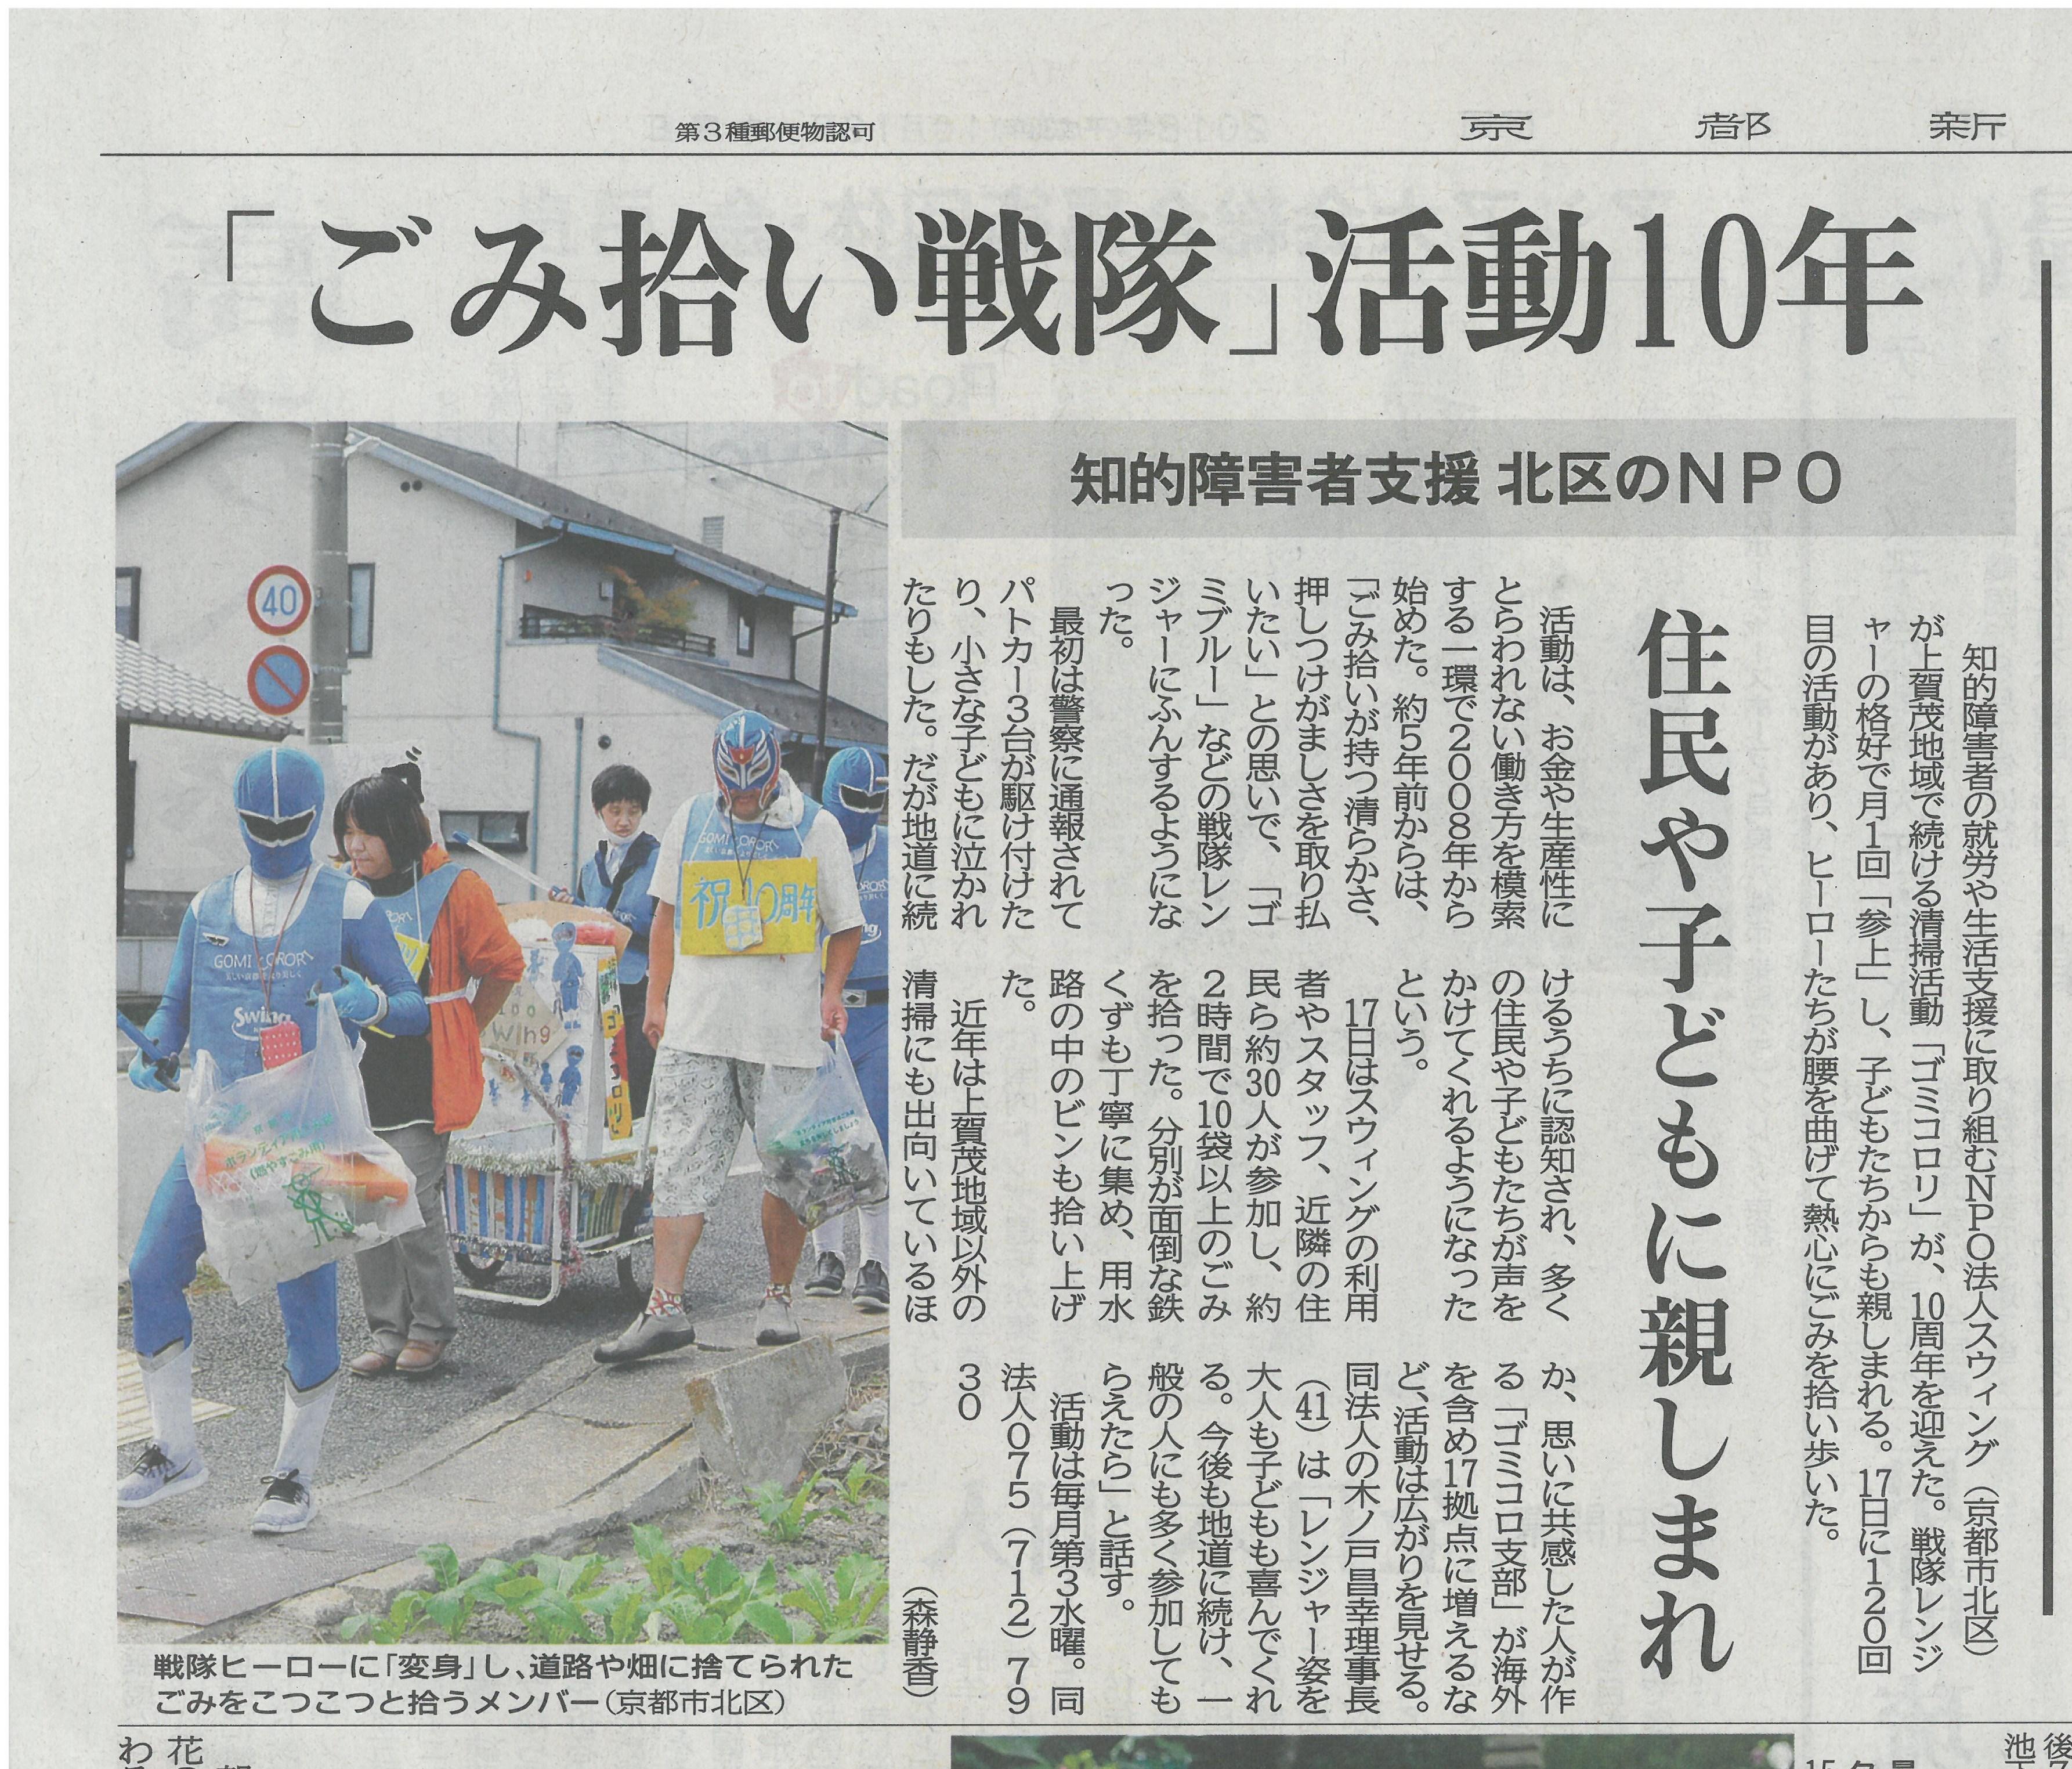 20181018ゴミコロリ10周年(京都新聞)